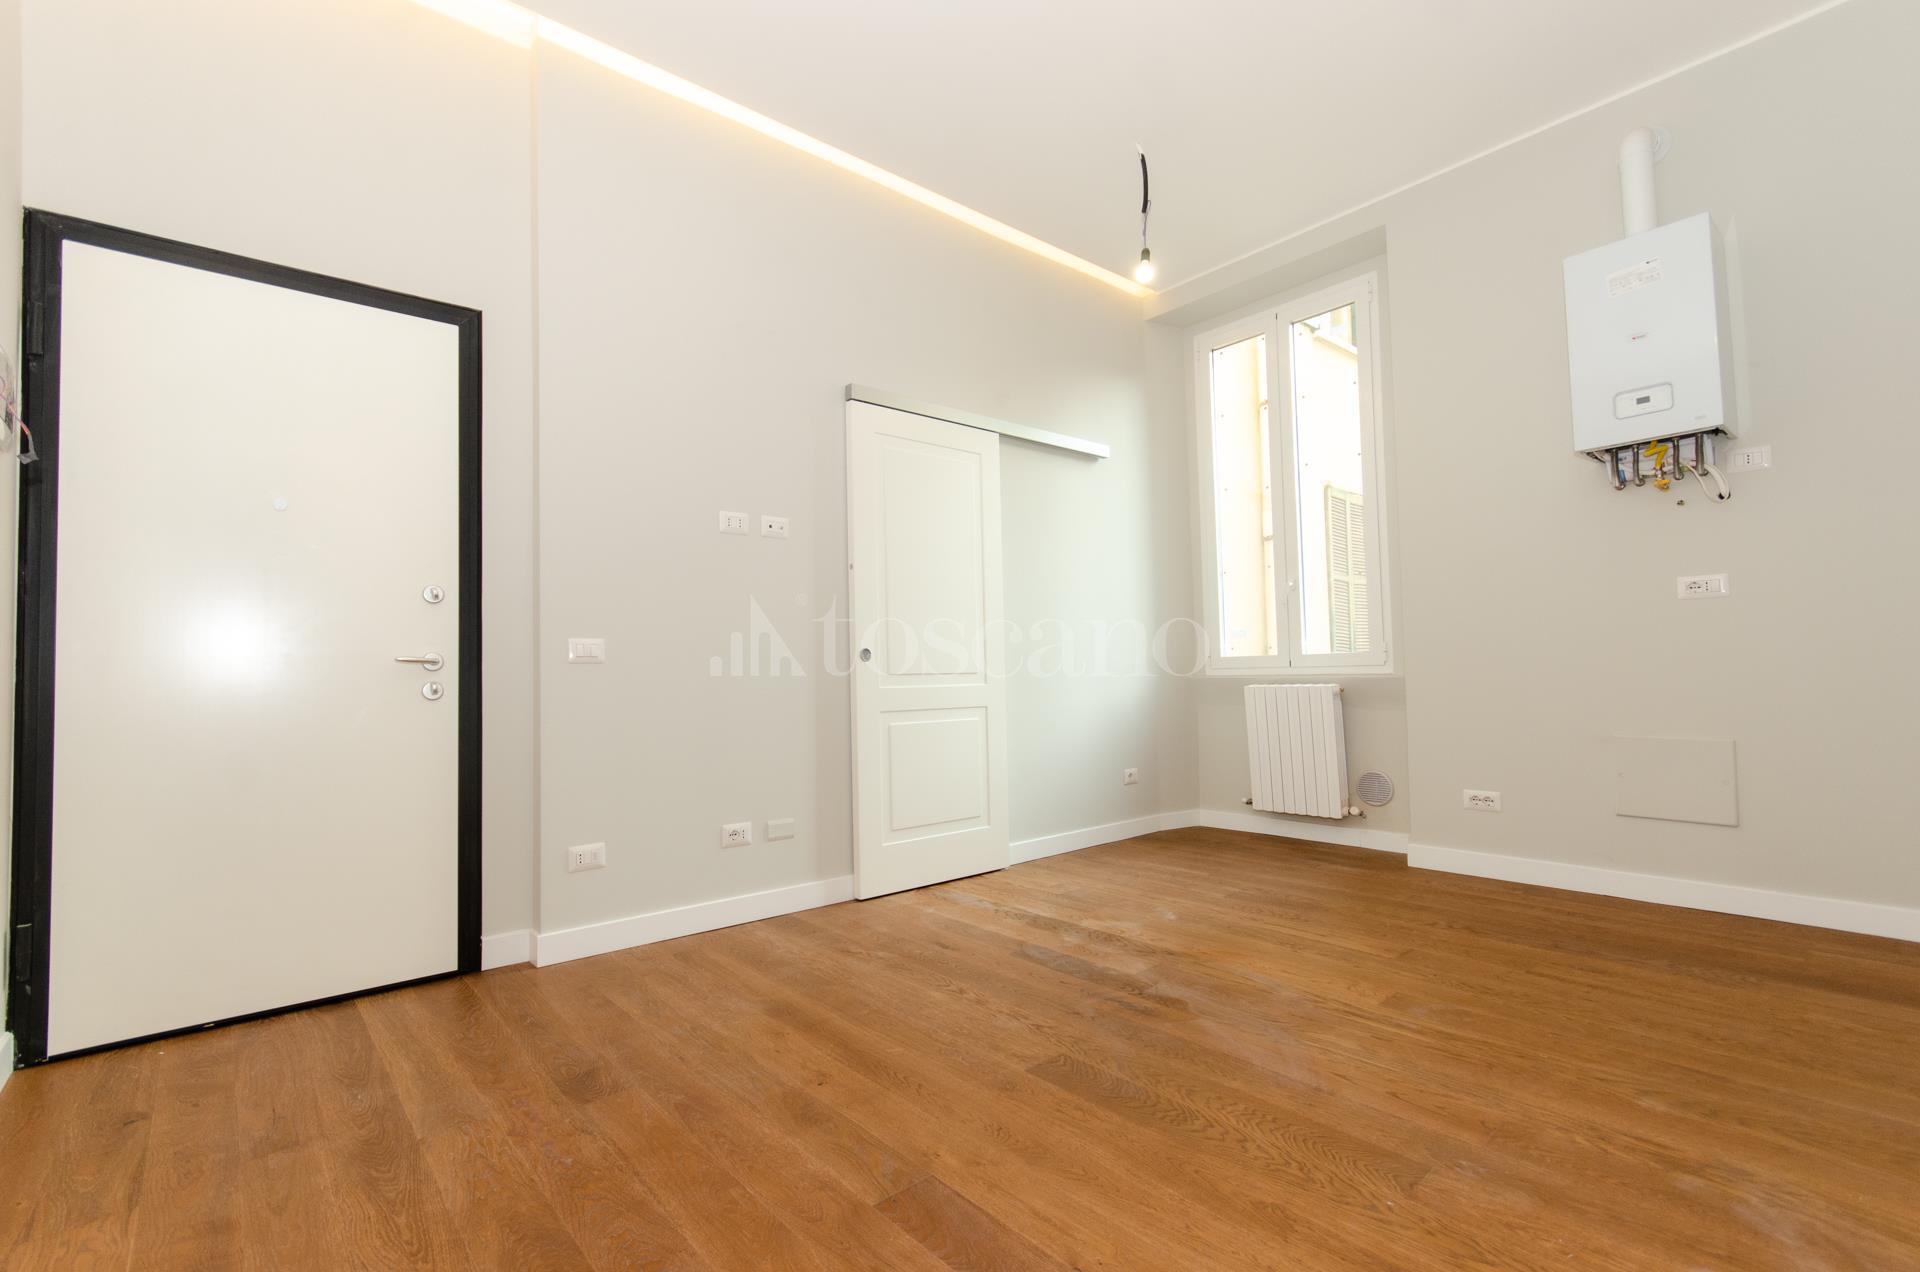 Ristrutturare Appartamento 35 Mq vendita casa a milano in via vespucci, moscova 35/2020 | toscano